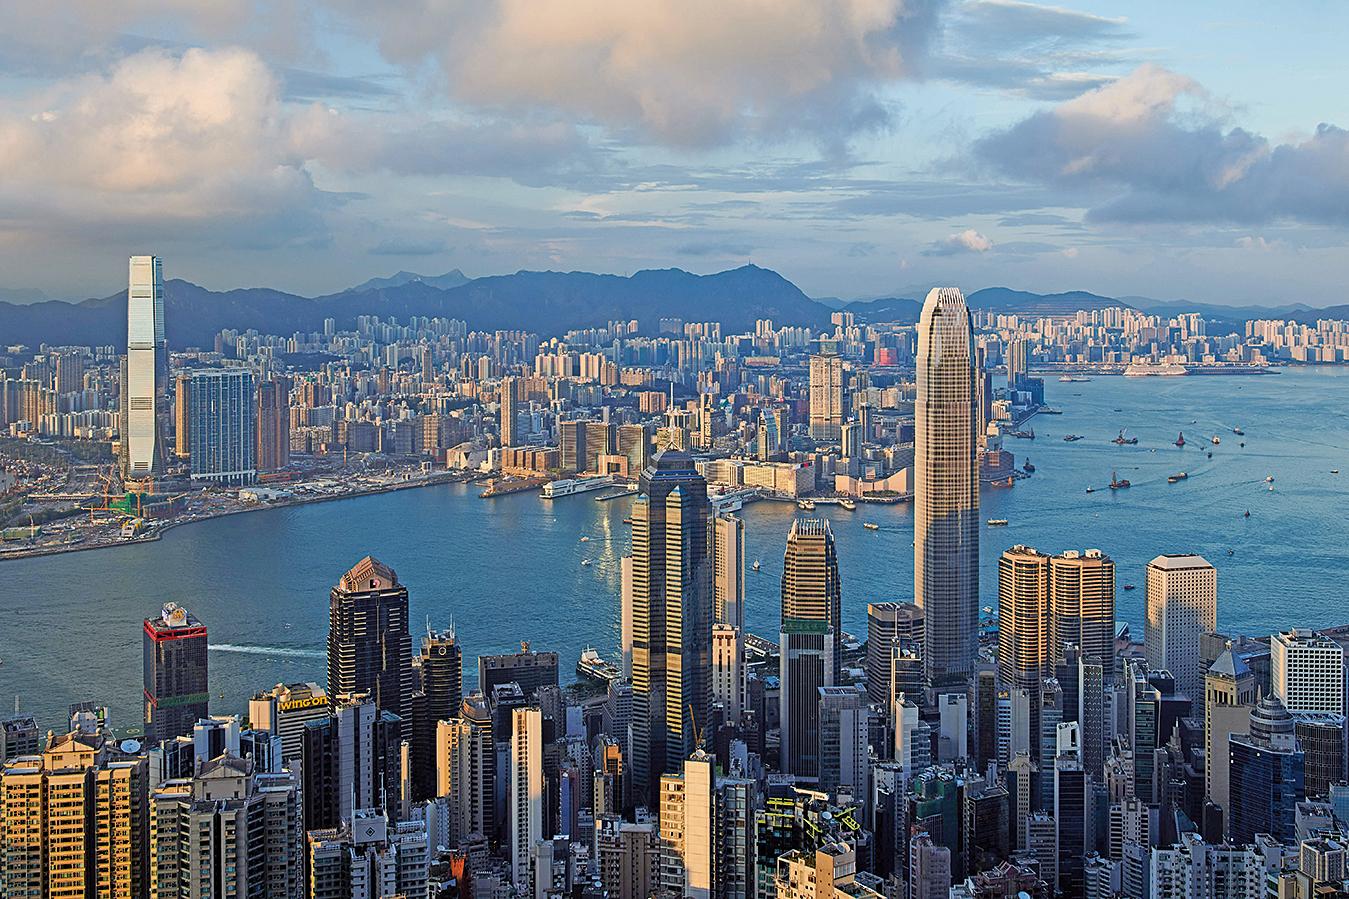 自主權1997年移交大陸後,香港成了中共權貴階層的洗錢基地。(Getty Images)